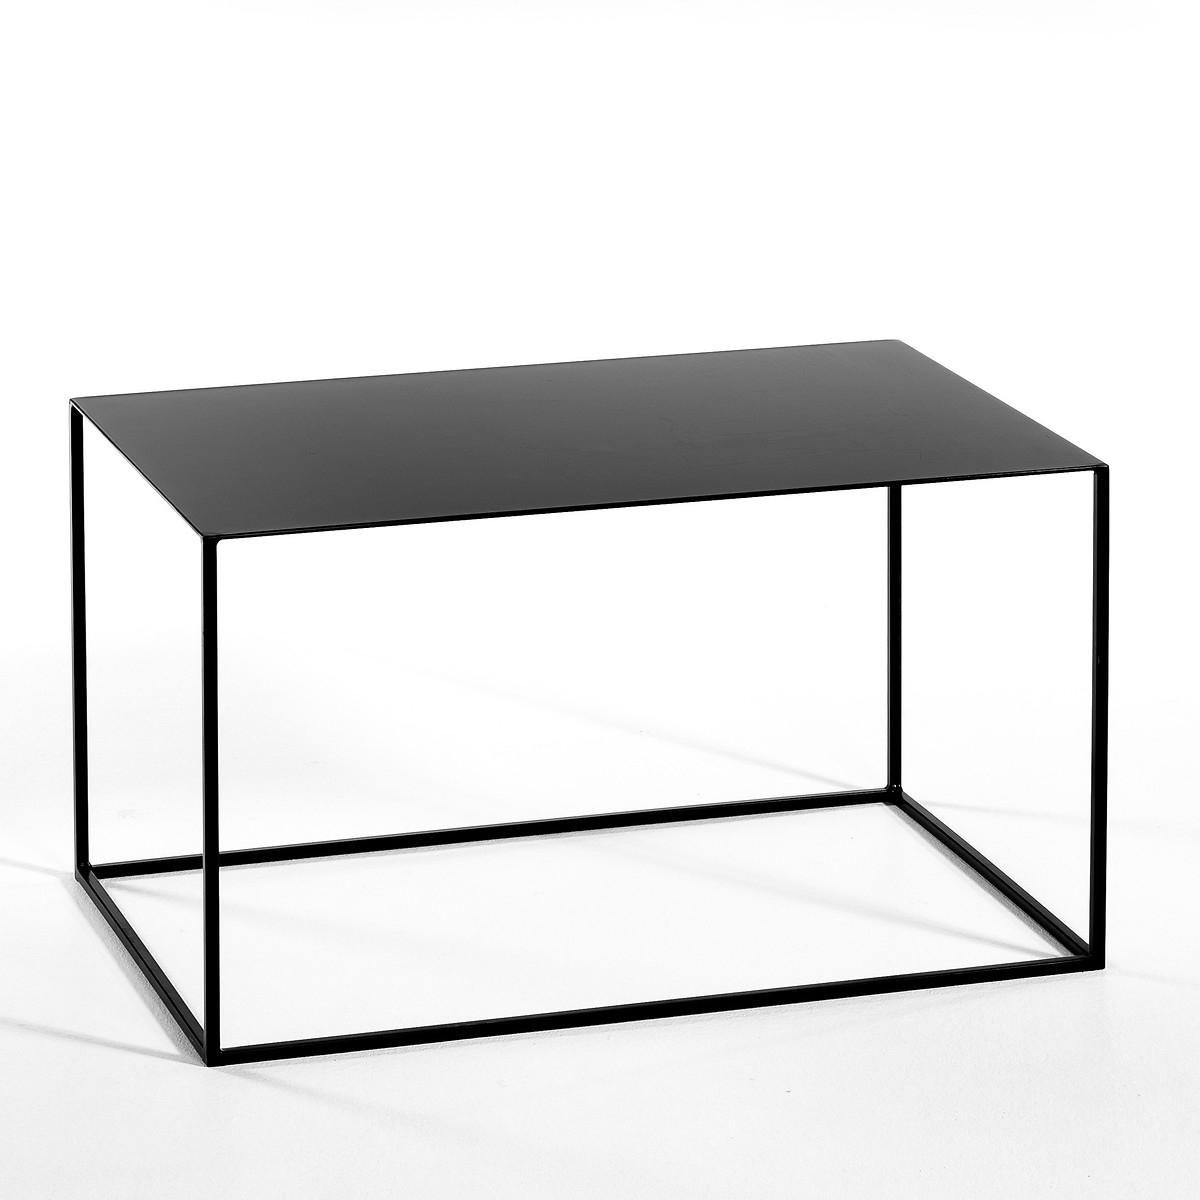 Столик LaRedoute Прямоугольный Romy единый размер черный 3 картины laredoute wekoso единый размер черный